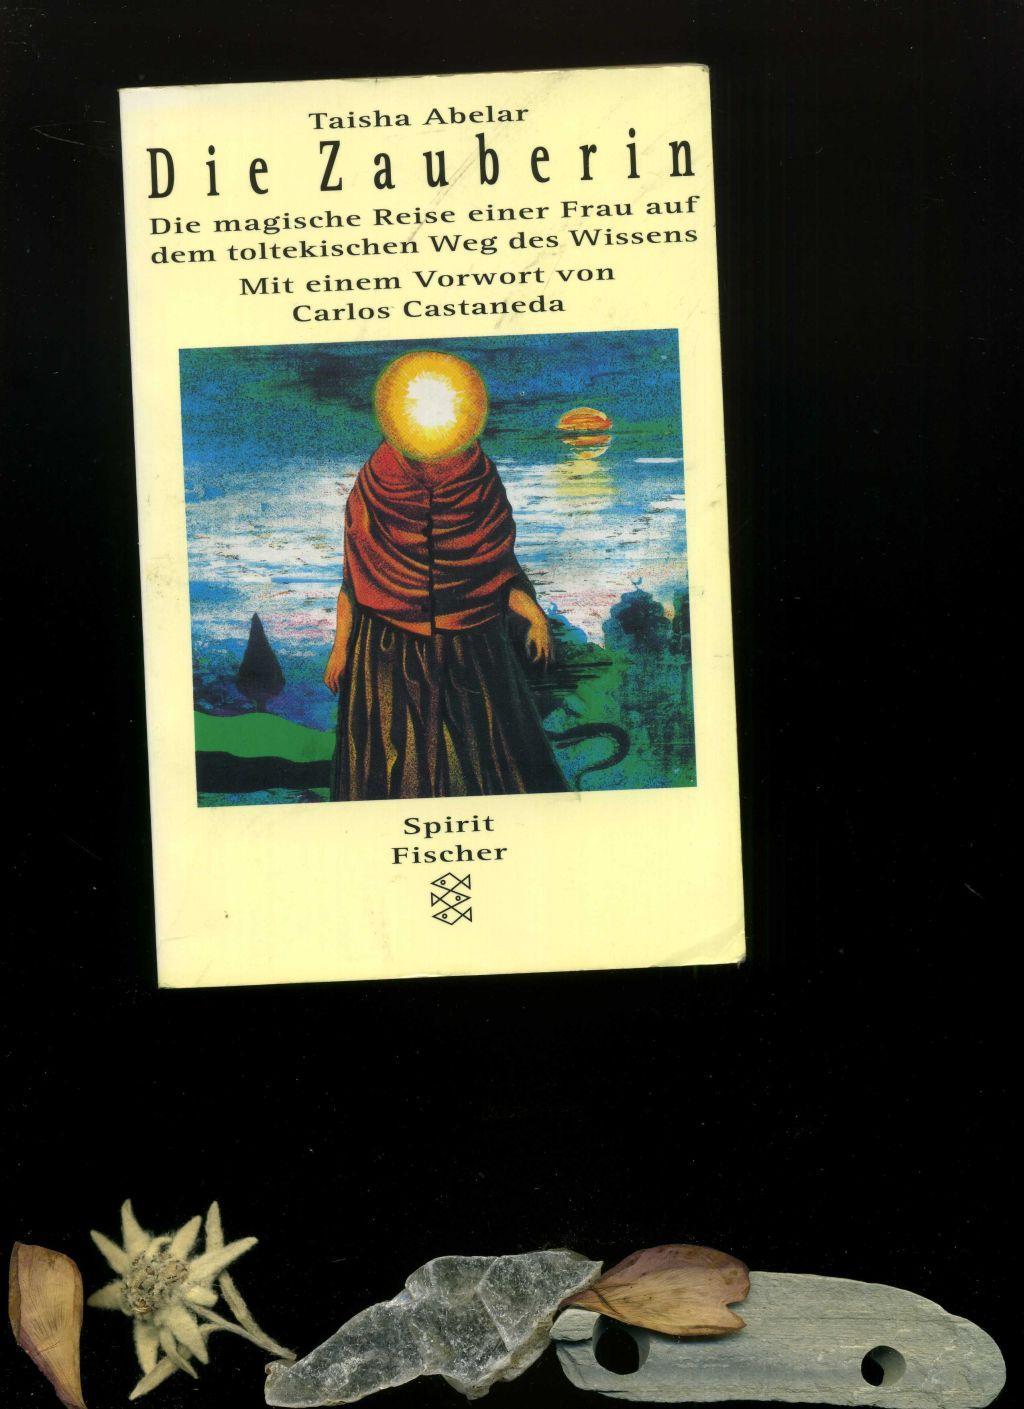 Die Zauberin: Die magische Reise einer Frau: Taisha Abelar: